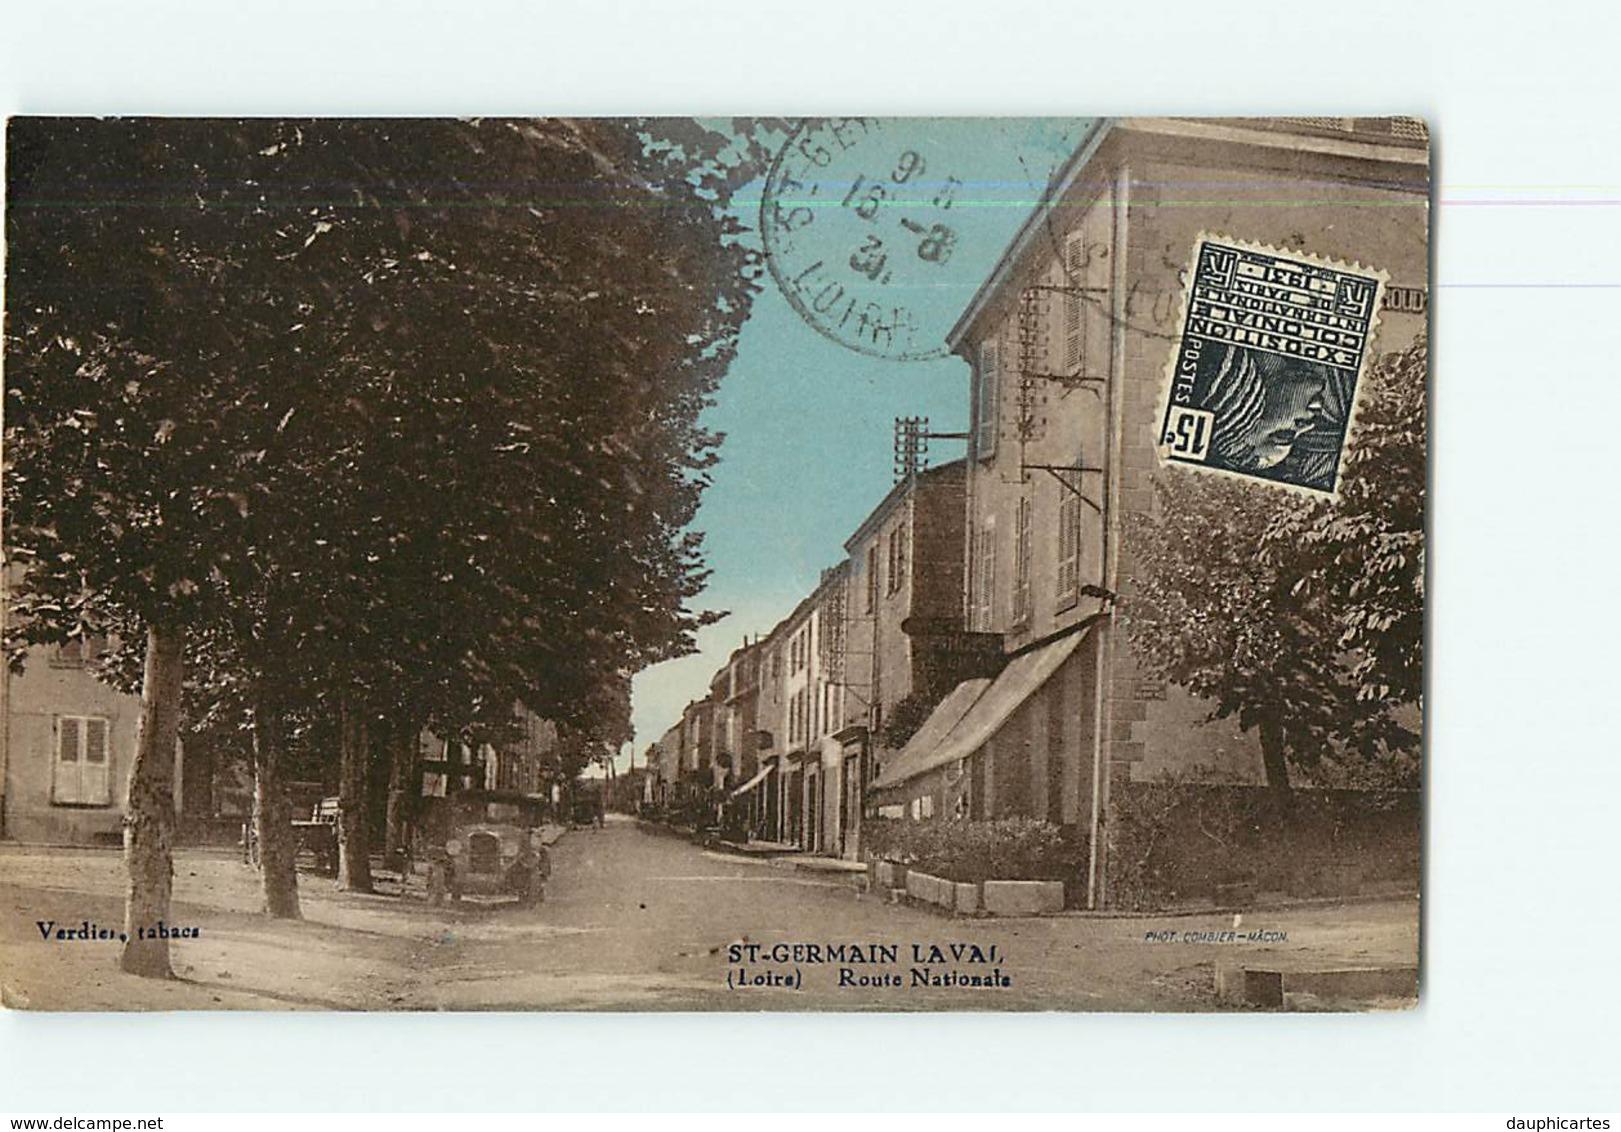 SAINT GERMAIN LAVAL - Route Nationale Animée Et Colorisée Hôtel Des Voyageurs Giroud - Ed. Verdier Tabacs - 2 Scans - Saint Germain Laval